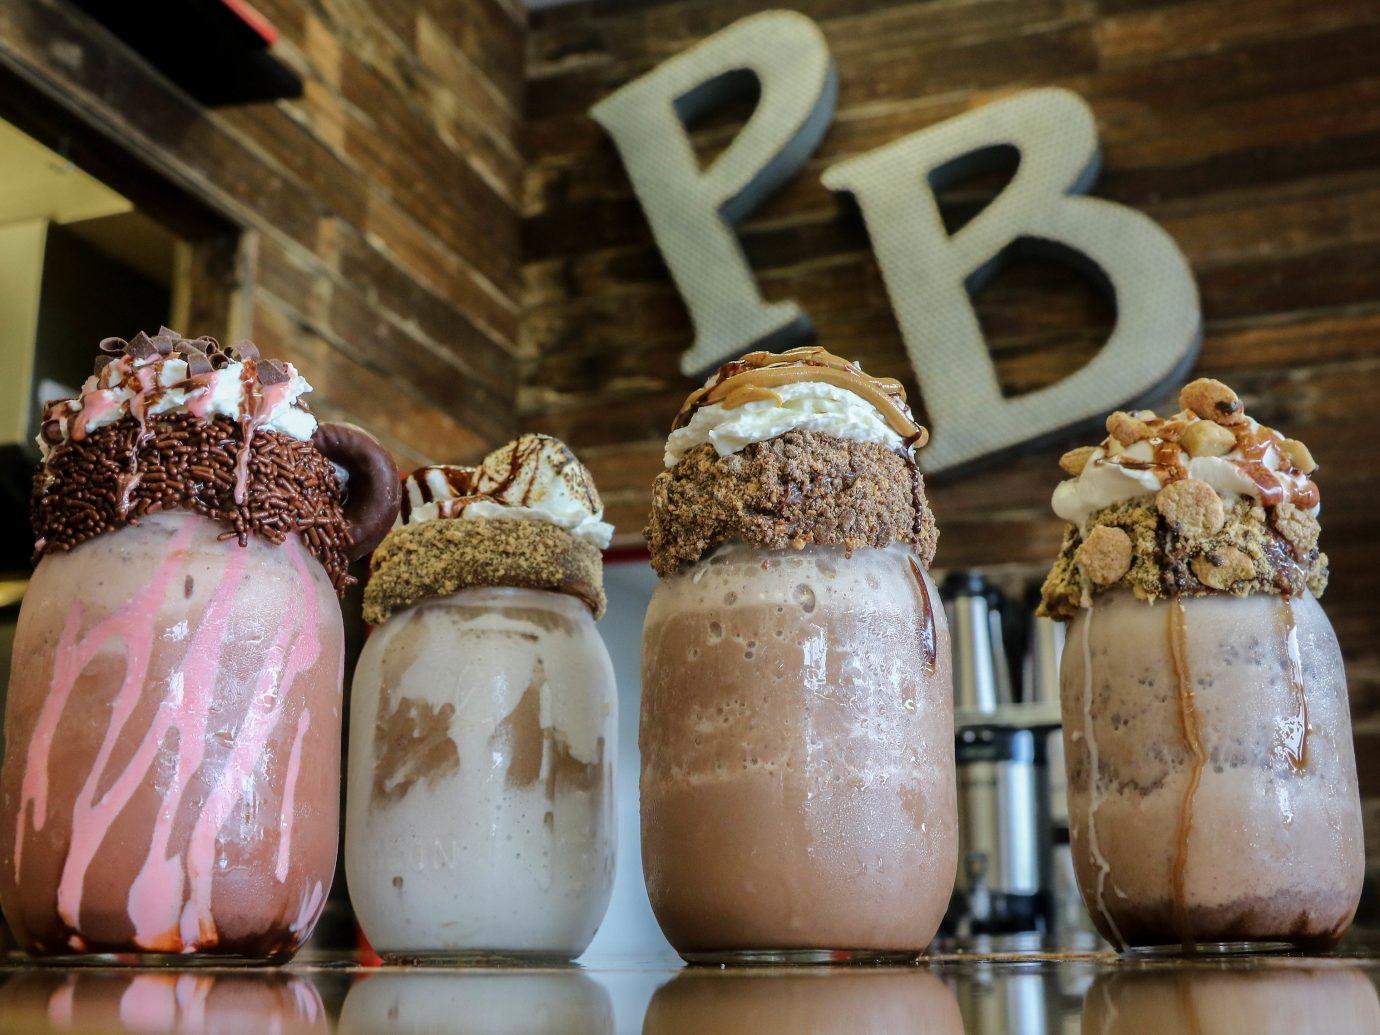 Food + Drink dessert food meal sweetness breakfast baking flavor snack food icing cake